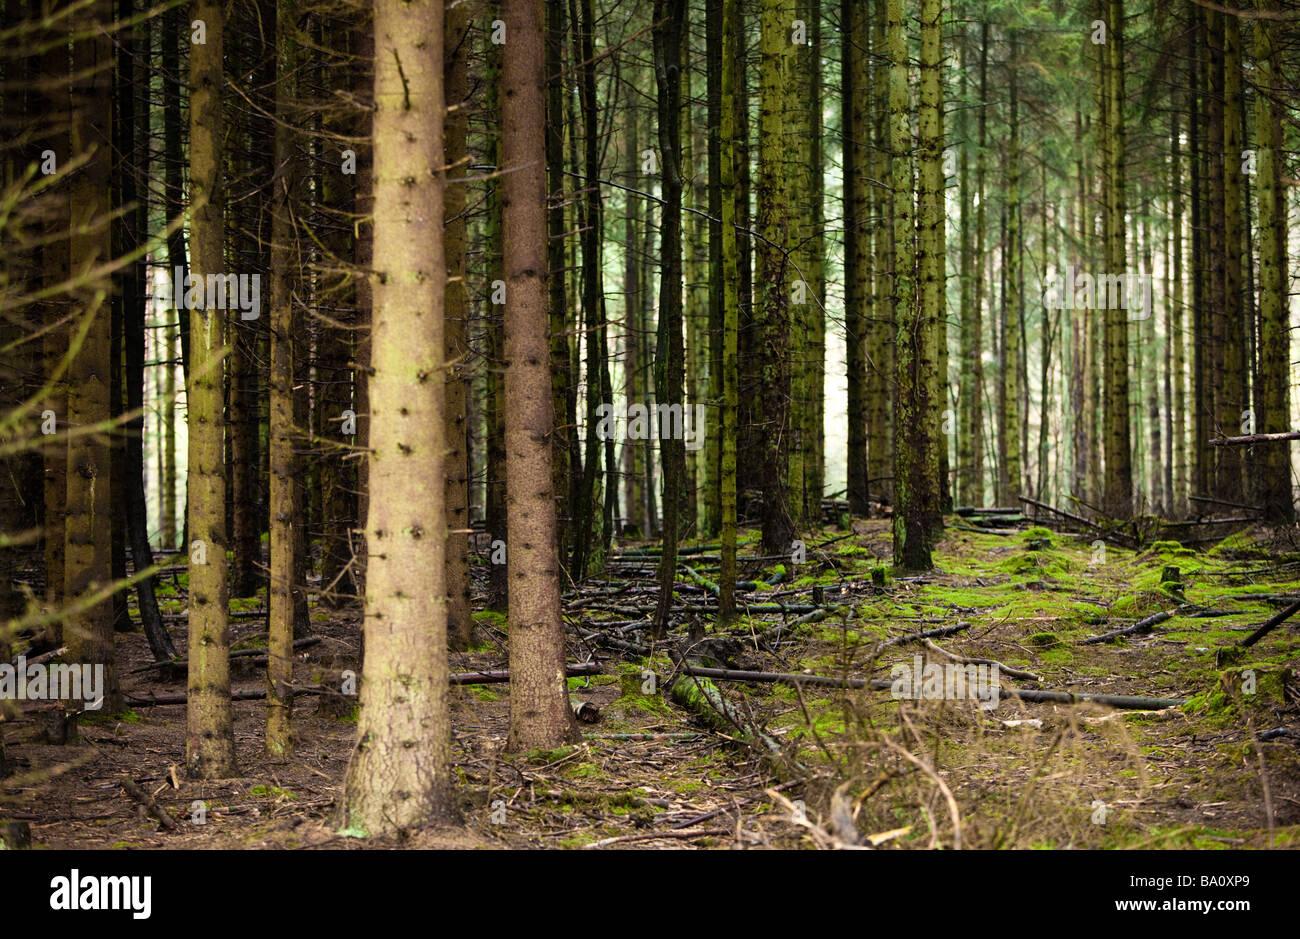 Dichten Wald von Föhren UK Stockbild